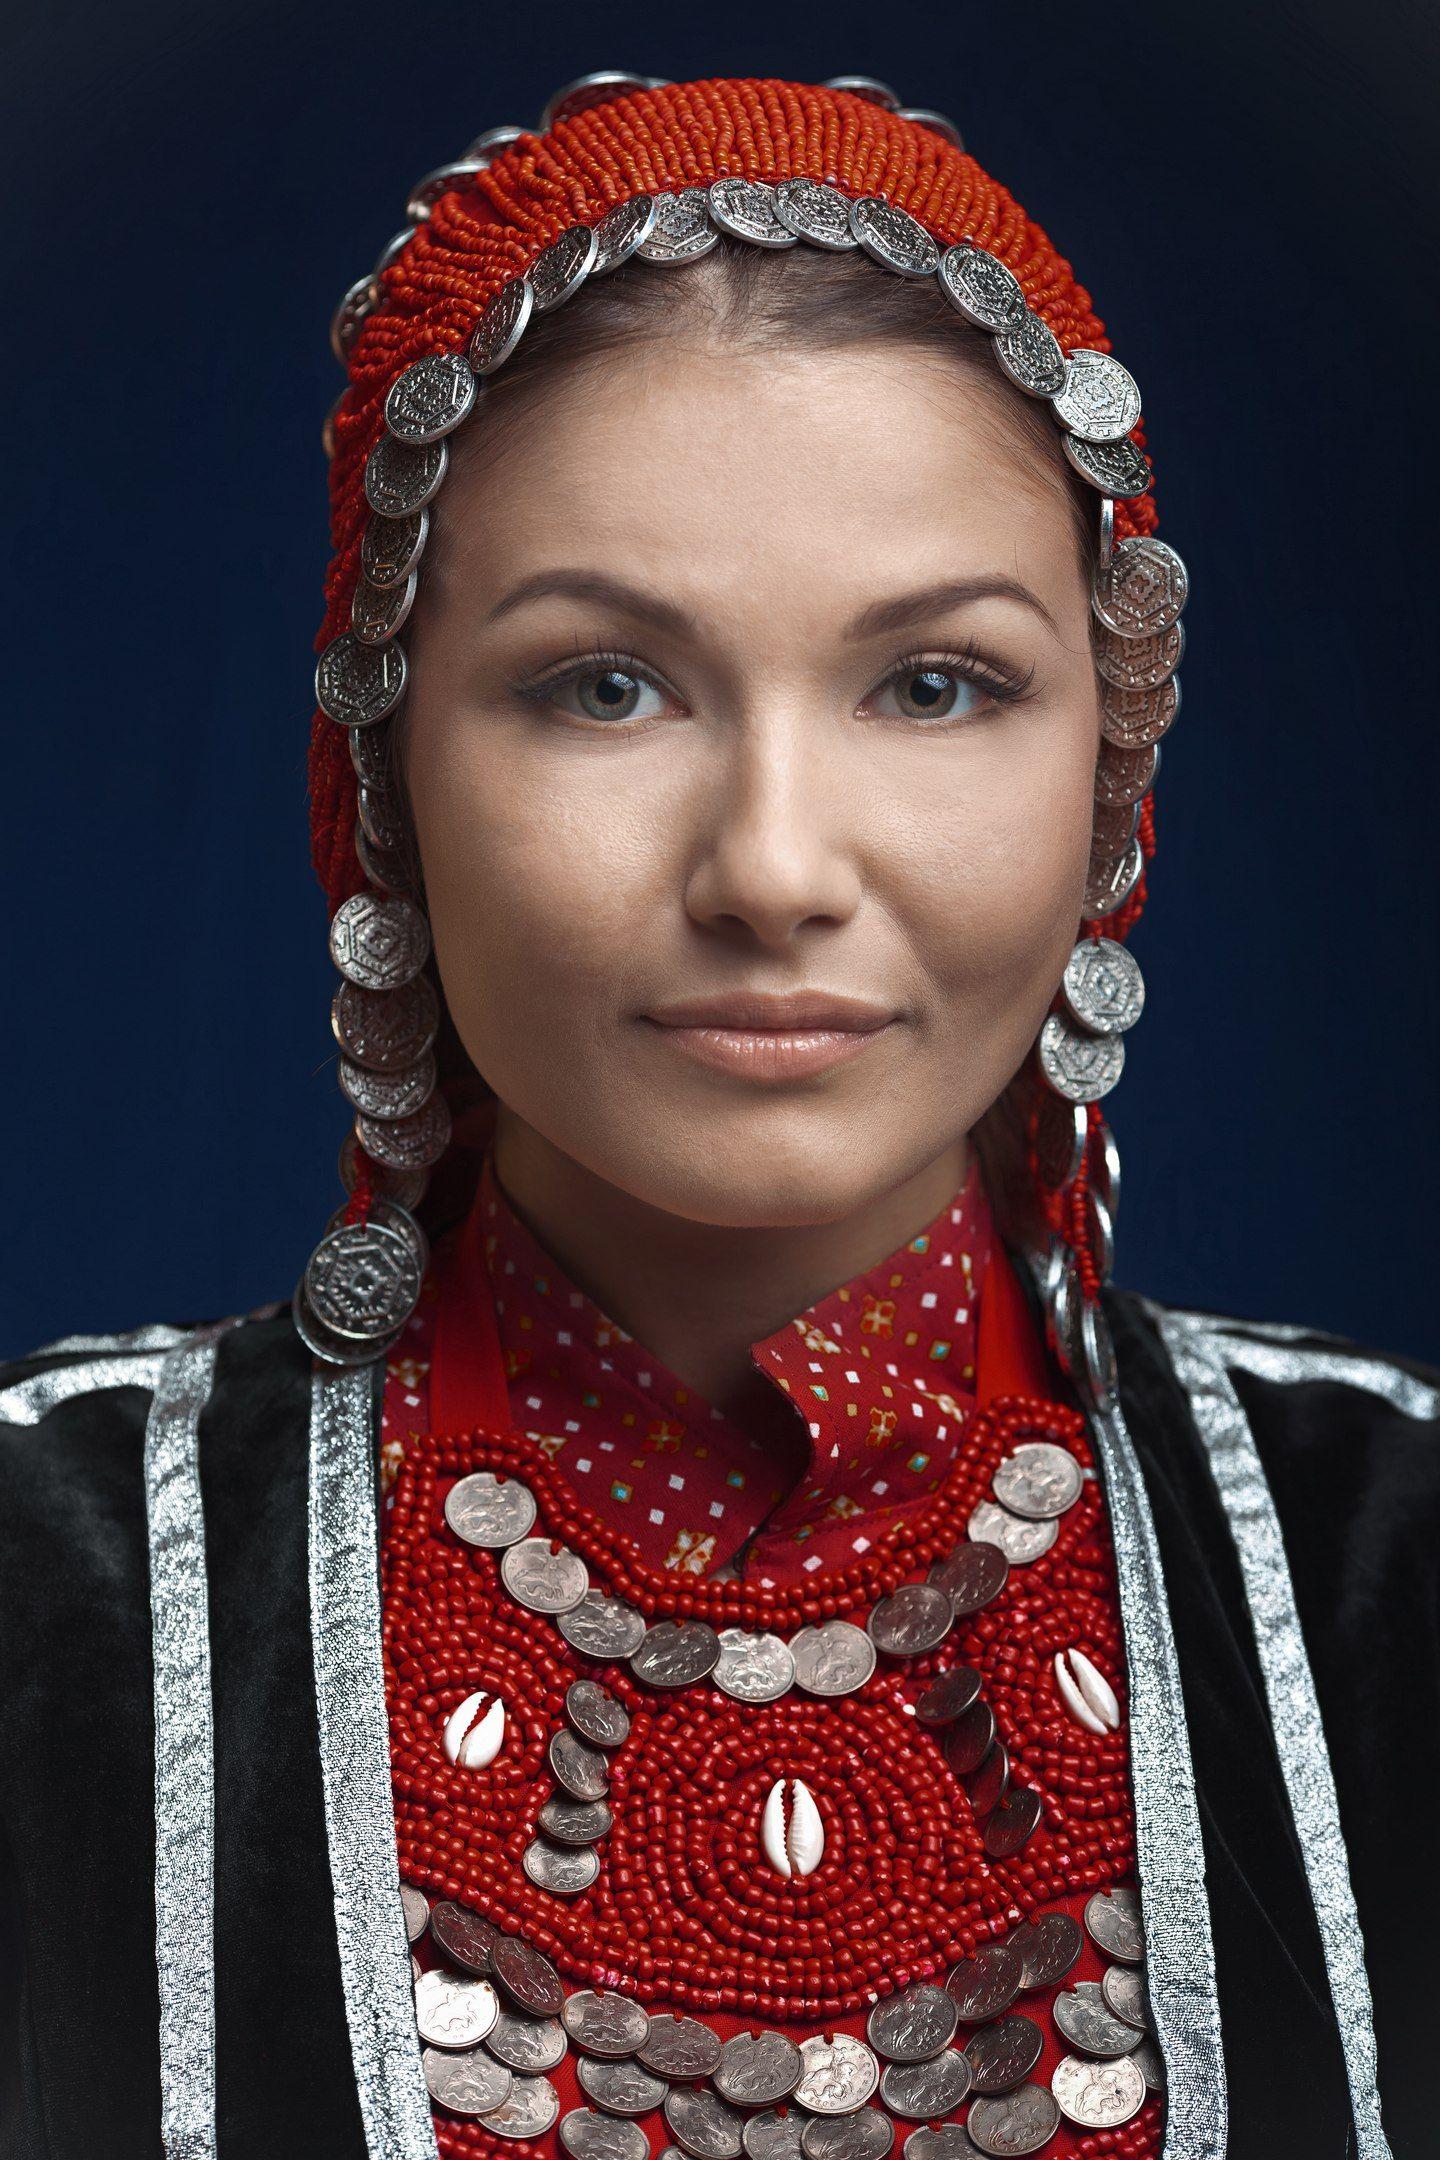 Русские киноактрисы современные список и фото заварное